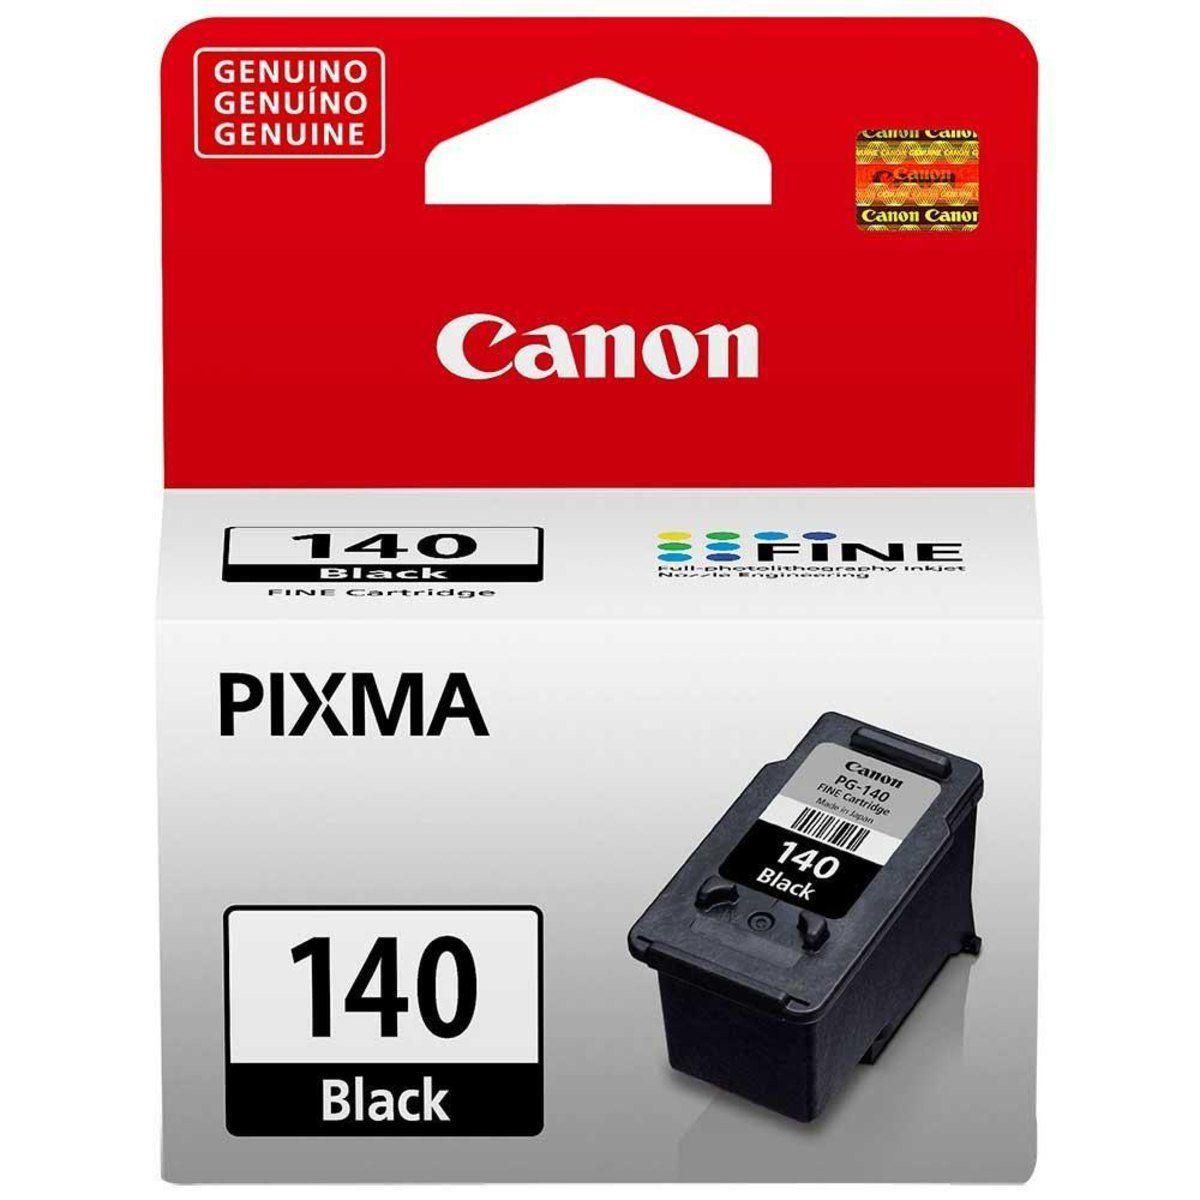 Cartucho Canon 140 Preto Original 8 ml